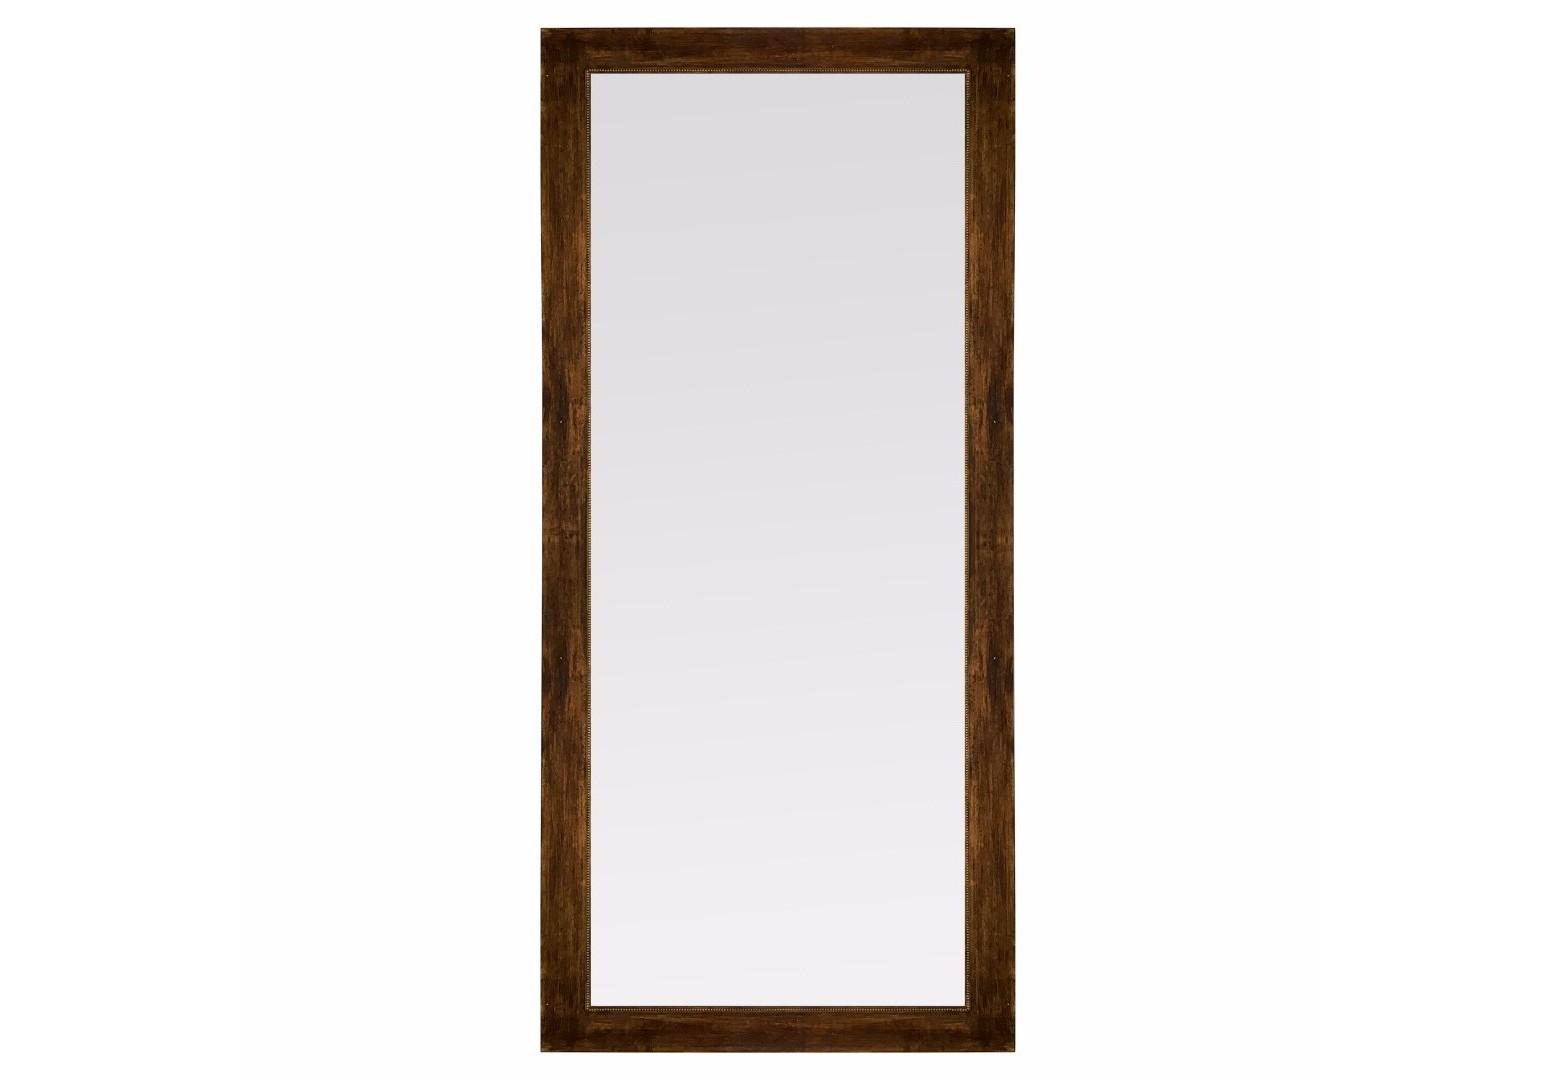 Зеркало PascalНапольные зеркала<br>Коллекции B-Home – это дизайнерские зеркала, зеркальная мебель и предметы интерьера. Все изделия от и до мы создаем сами в нашей мастерской. Каждое – это уникальное произведение, арт-объект со своей историей и мелодией. Мы следим за современными трендами, лично отбираем лучшие материалы и каждый день трудимся над созданием новых шедевров, которые будут радовать вас. Если вы ищете что-то действительно качественное, стоящее и эксклюзивное, что сделано с душой и руками человека, B-Home придется вам по вкусу! Возможно изготовление по Вашим цветам и размерам.